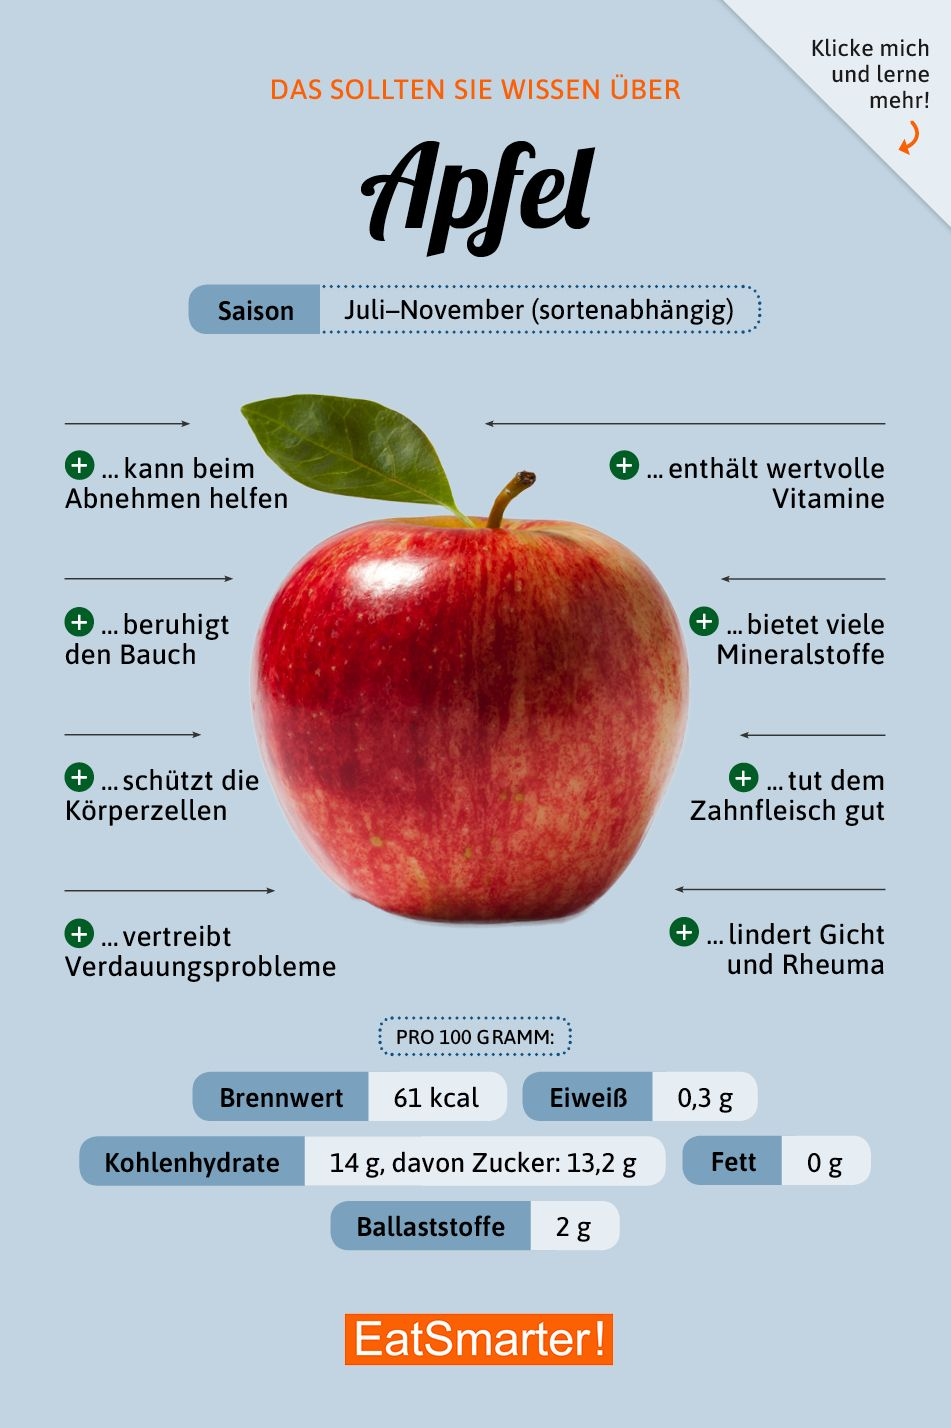 Grüner Apfel mit Haferflocken dient zum Abnehmen